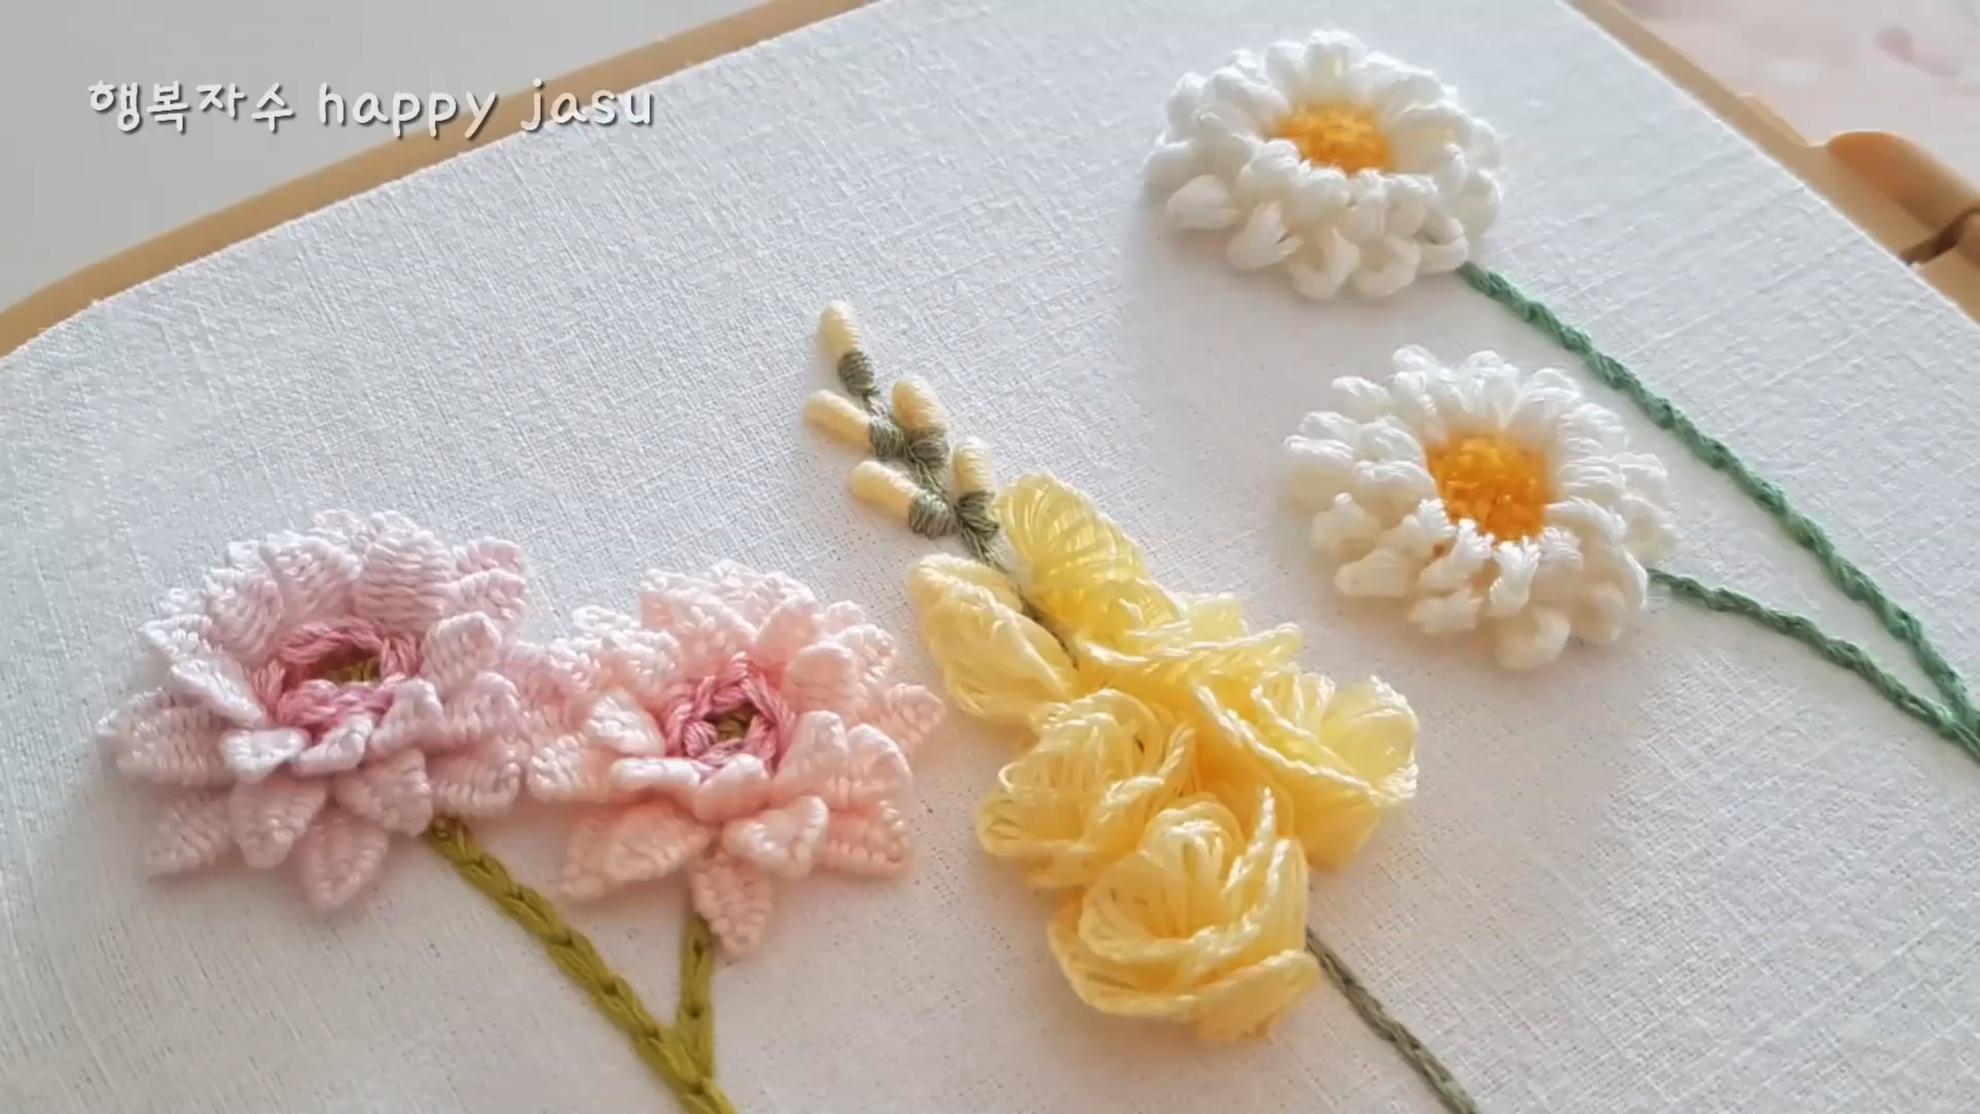 温柔的立体花卉刺绣 |DIY手工刺绣视频教学